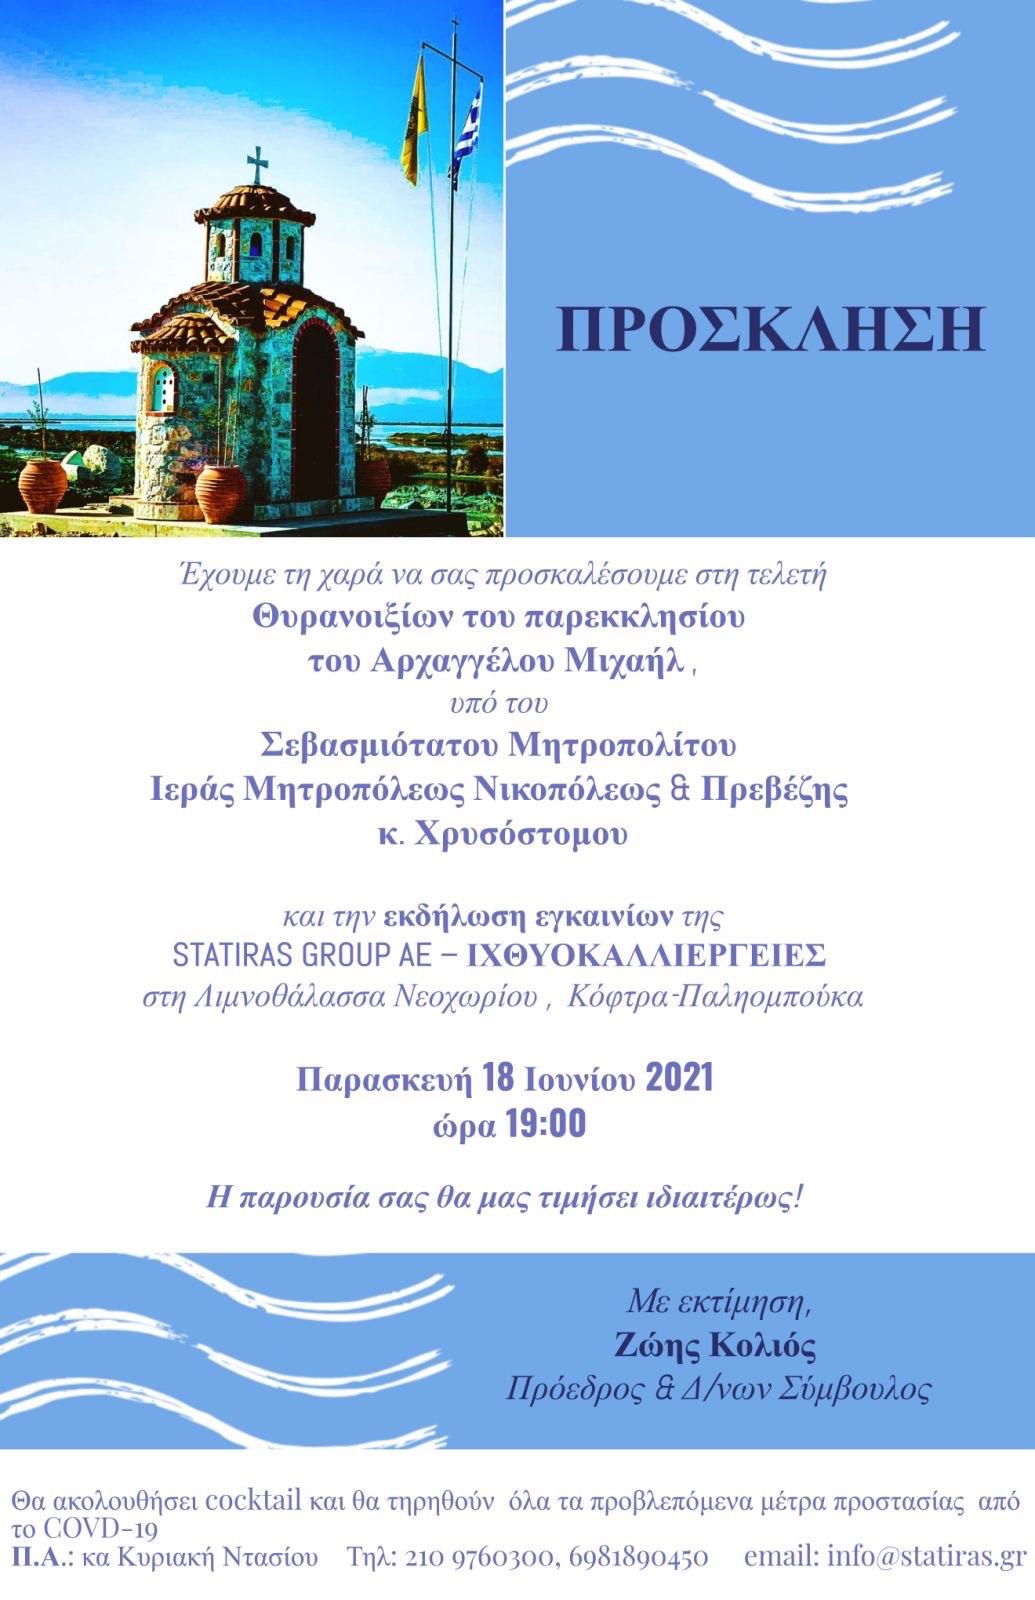 Εκδήλωση εγκαινίων – STATIRAS GROUP – Ιχθυοκαλλιέργιες